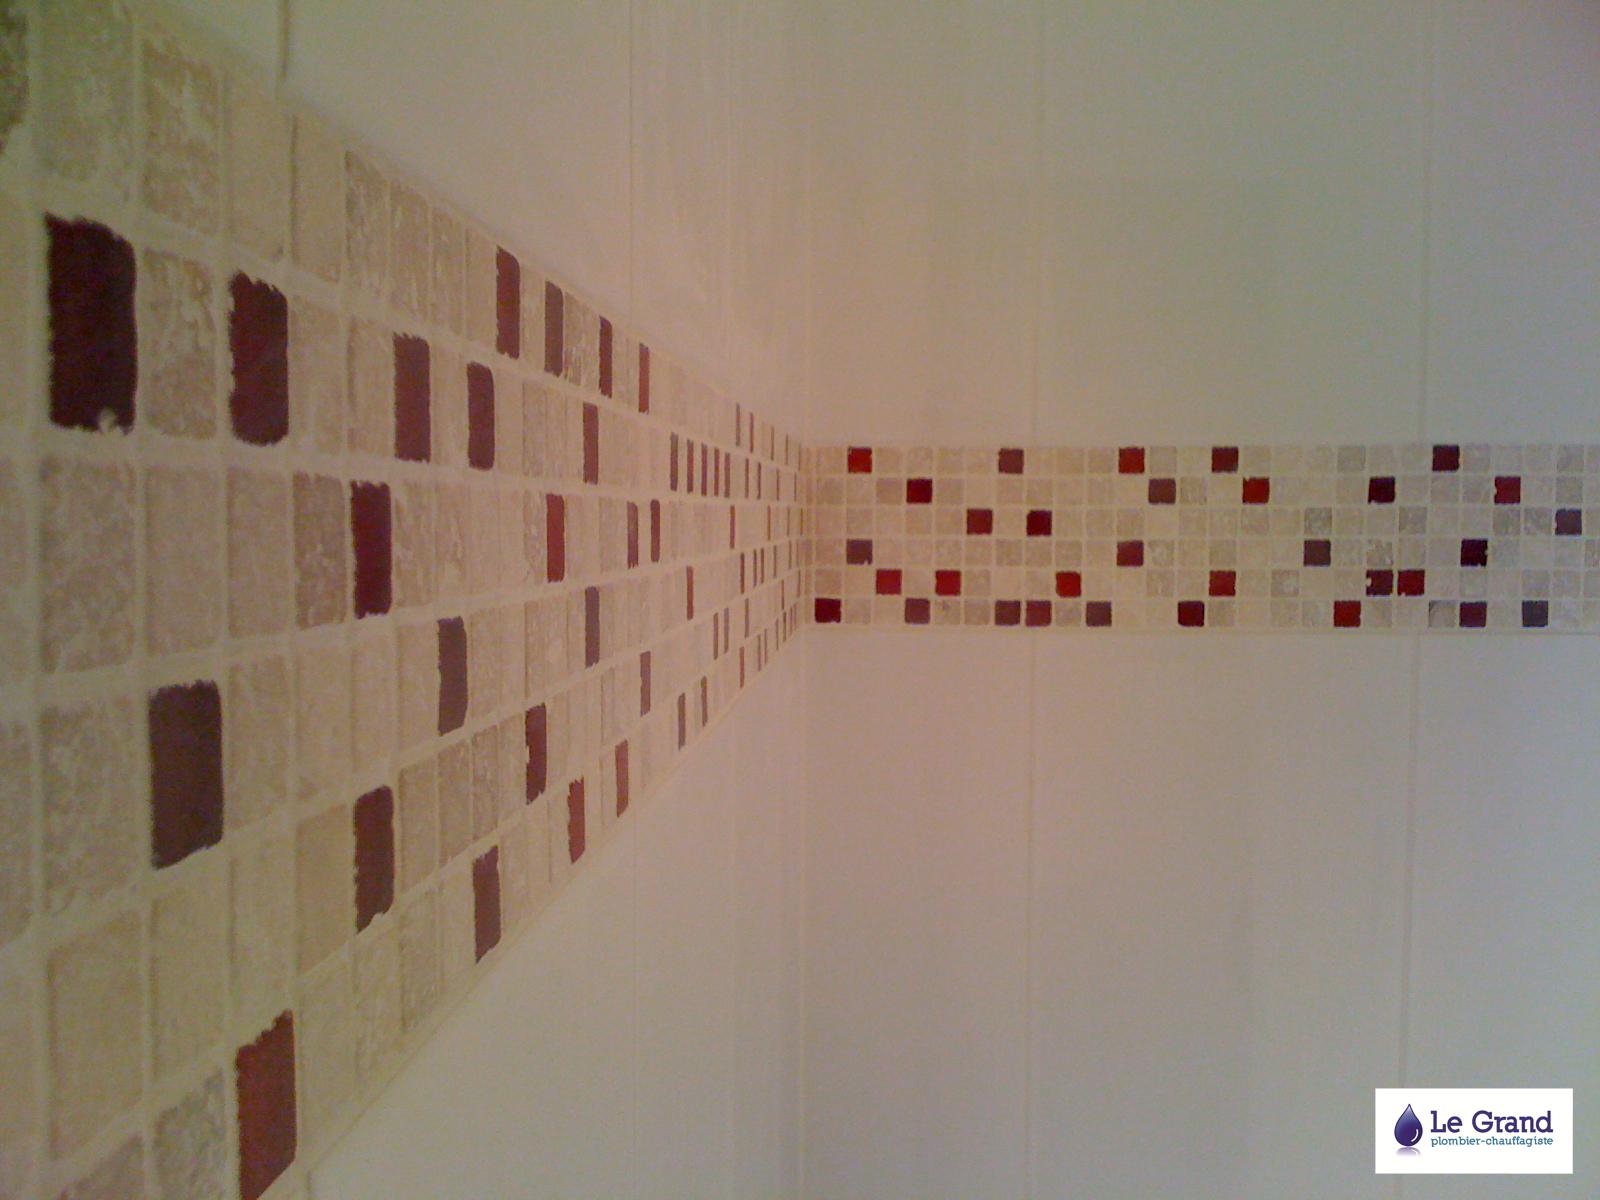 Frise Salle De Bain Mosaique : … Grand Plombier Chauffagiste Rennes Bruz – Salle de Bains Mosaîque